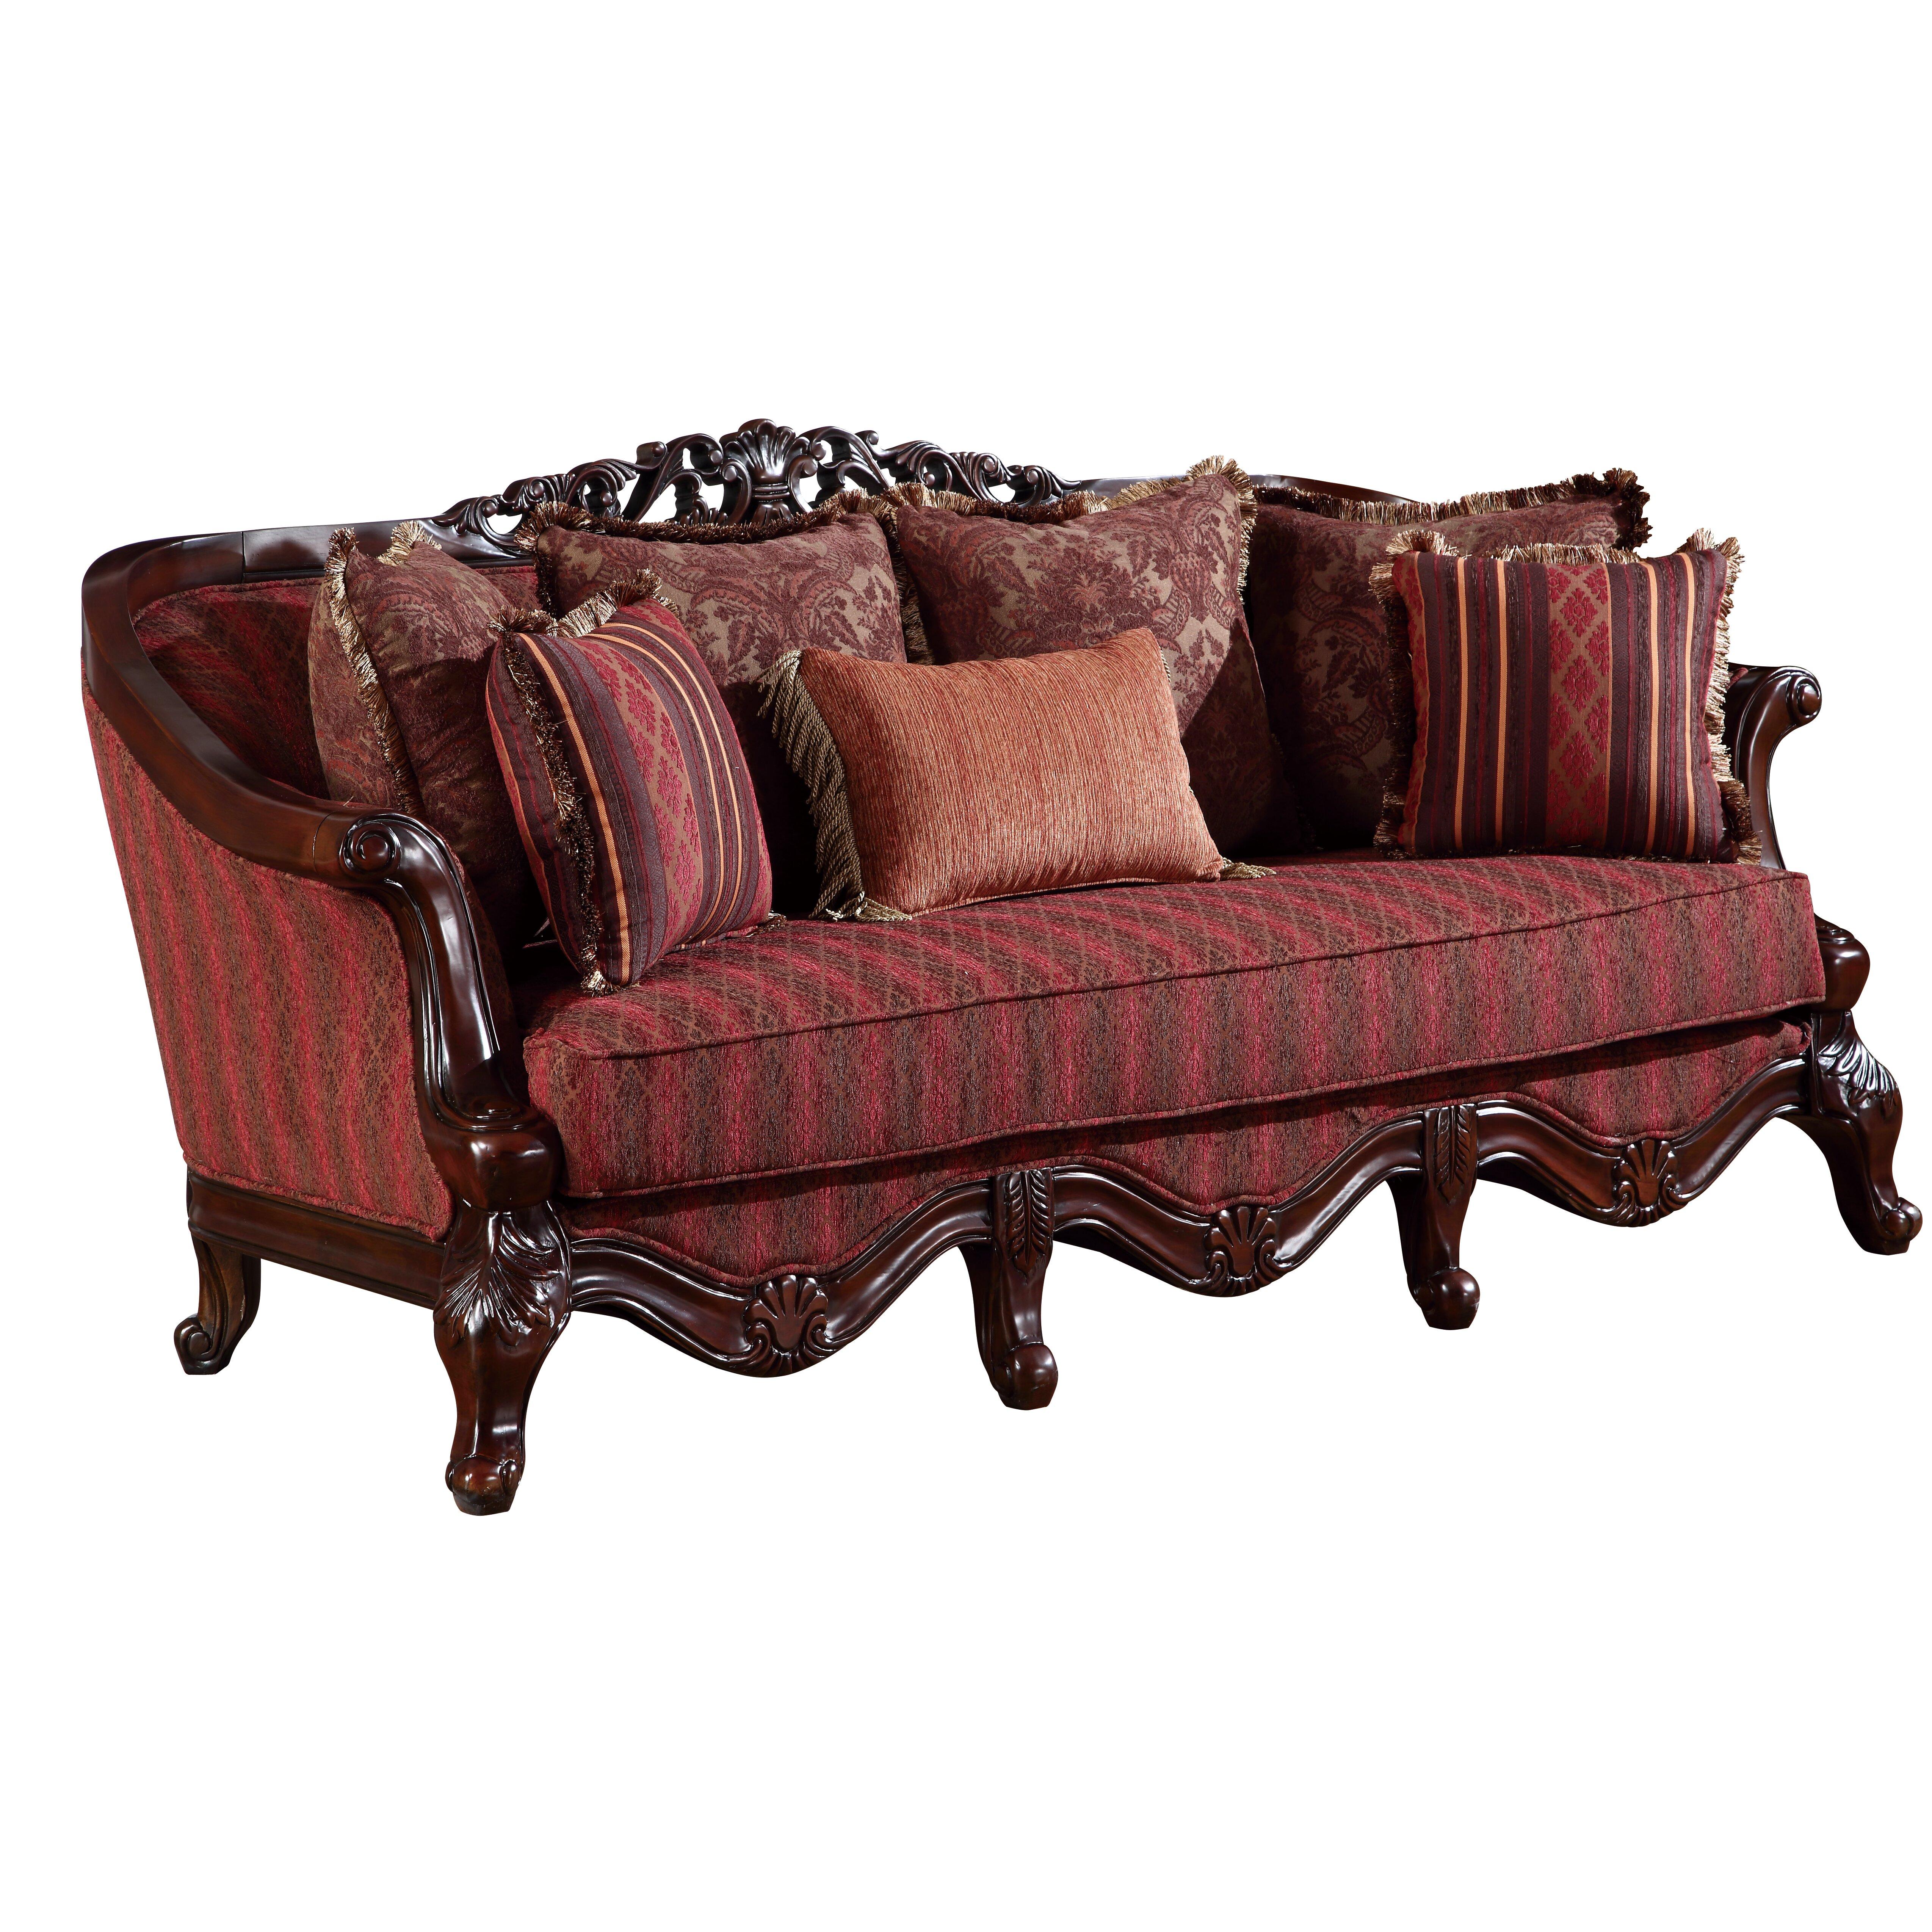 Global furniture usa sofa reviews wayfair for Buy sofa online usa